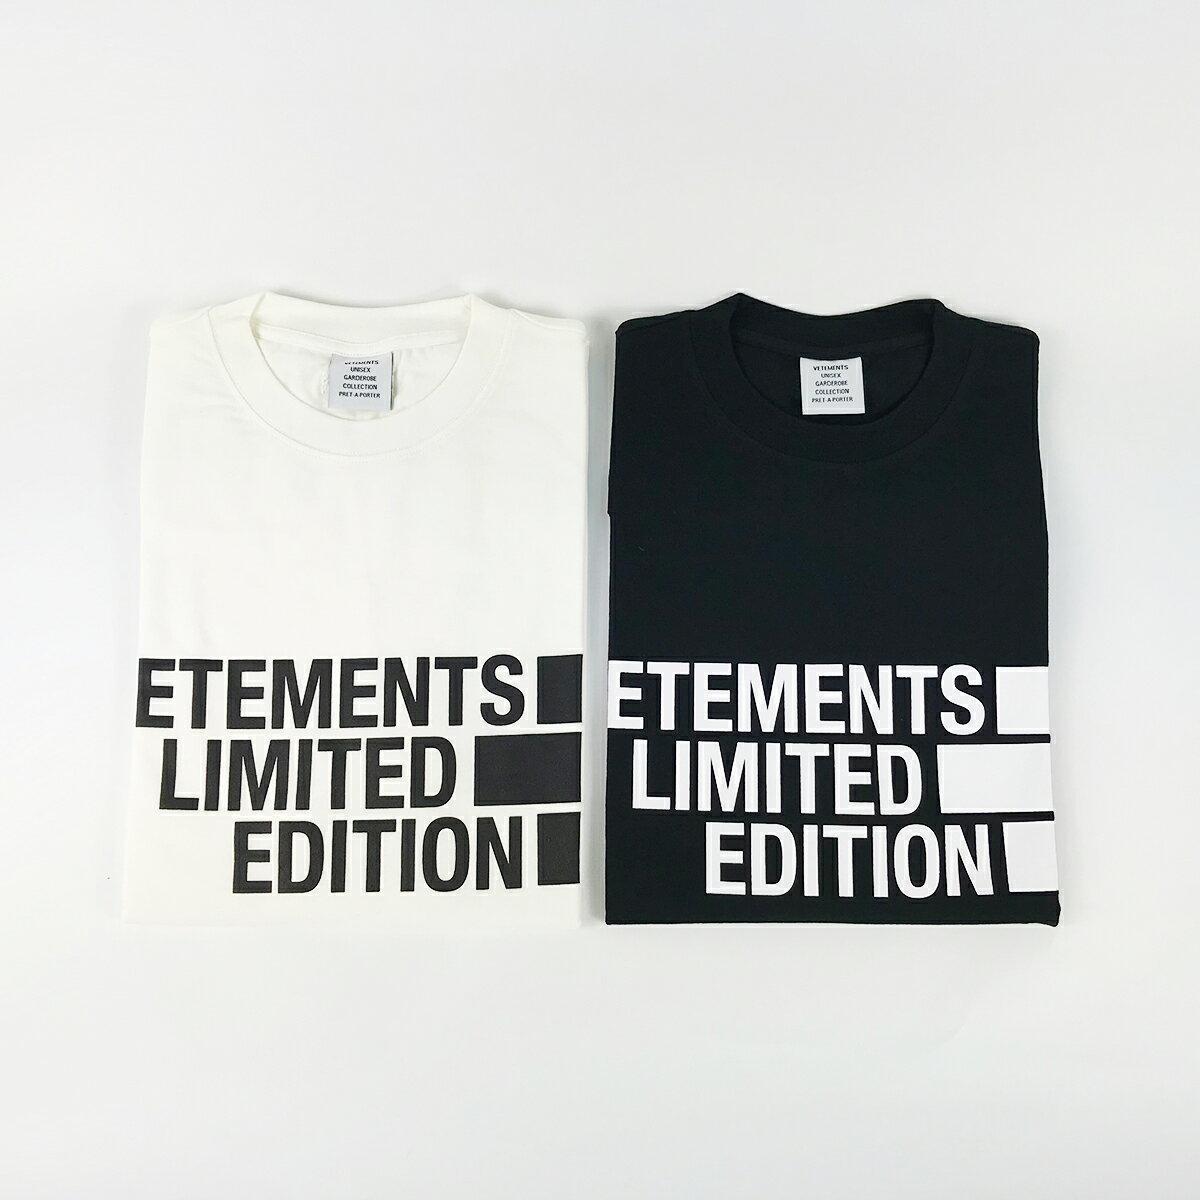 トップス, Tシャツ・カットソー VETEMENTS UE51TR810 WHITE BLACK T 55